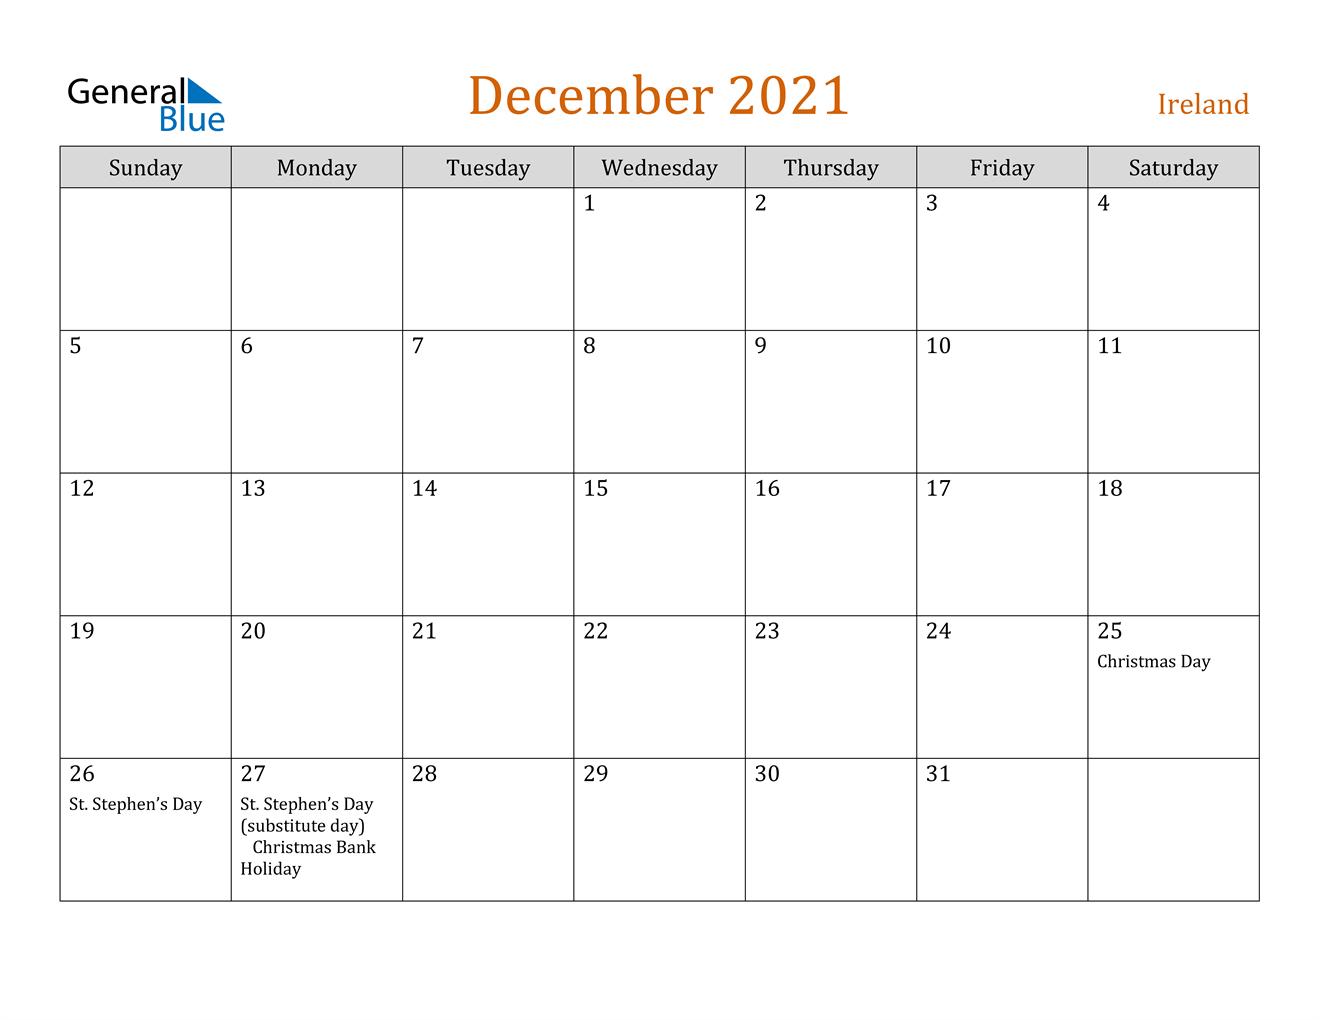 December 2021 Calendar - Ireland